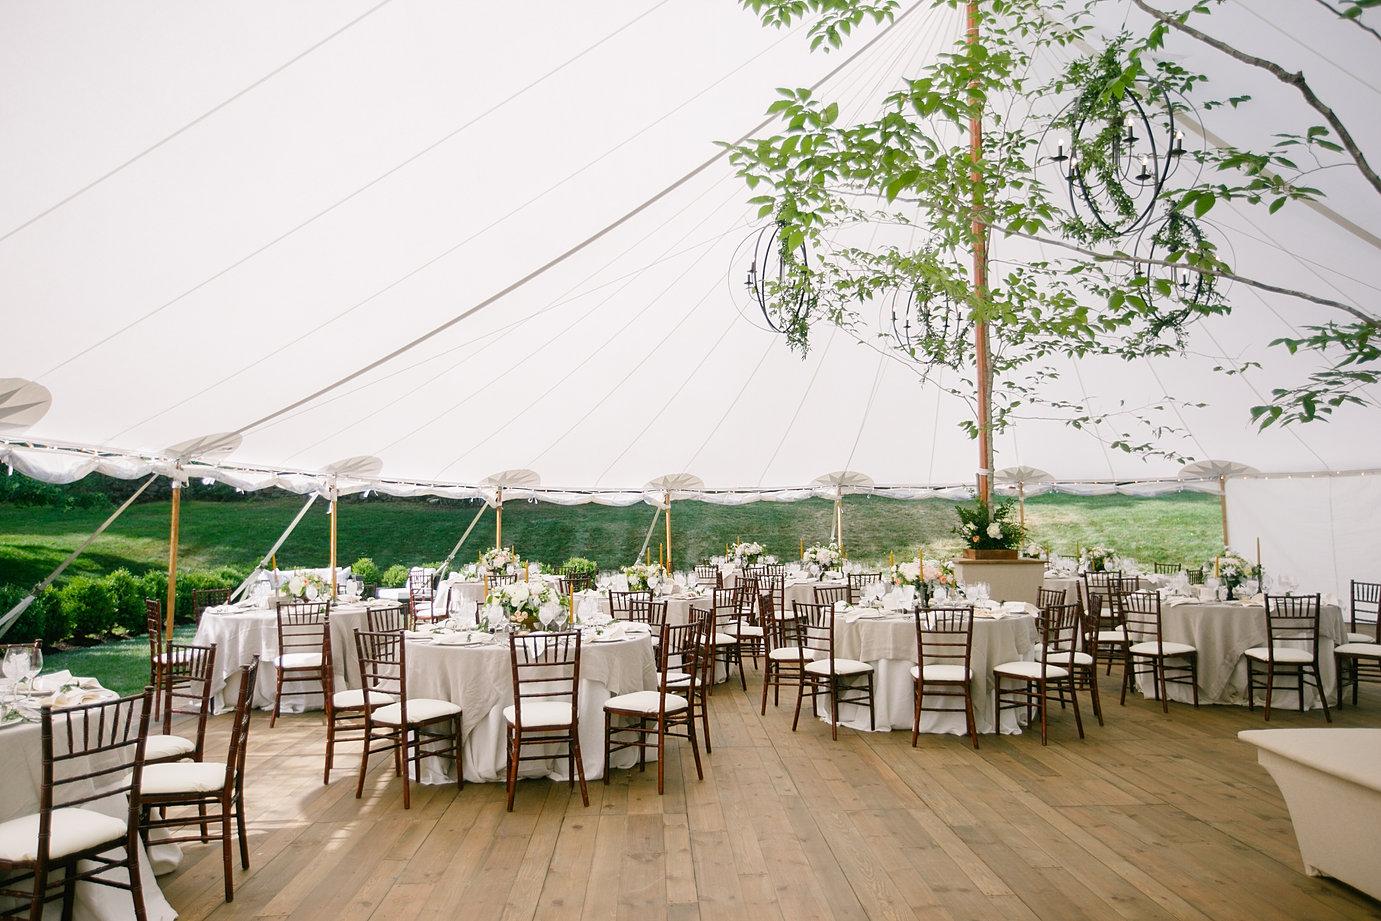 Vermont Wedding Planning and Design